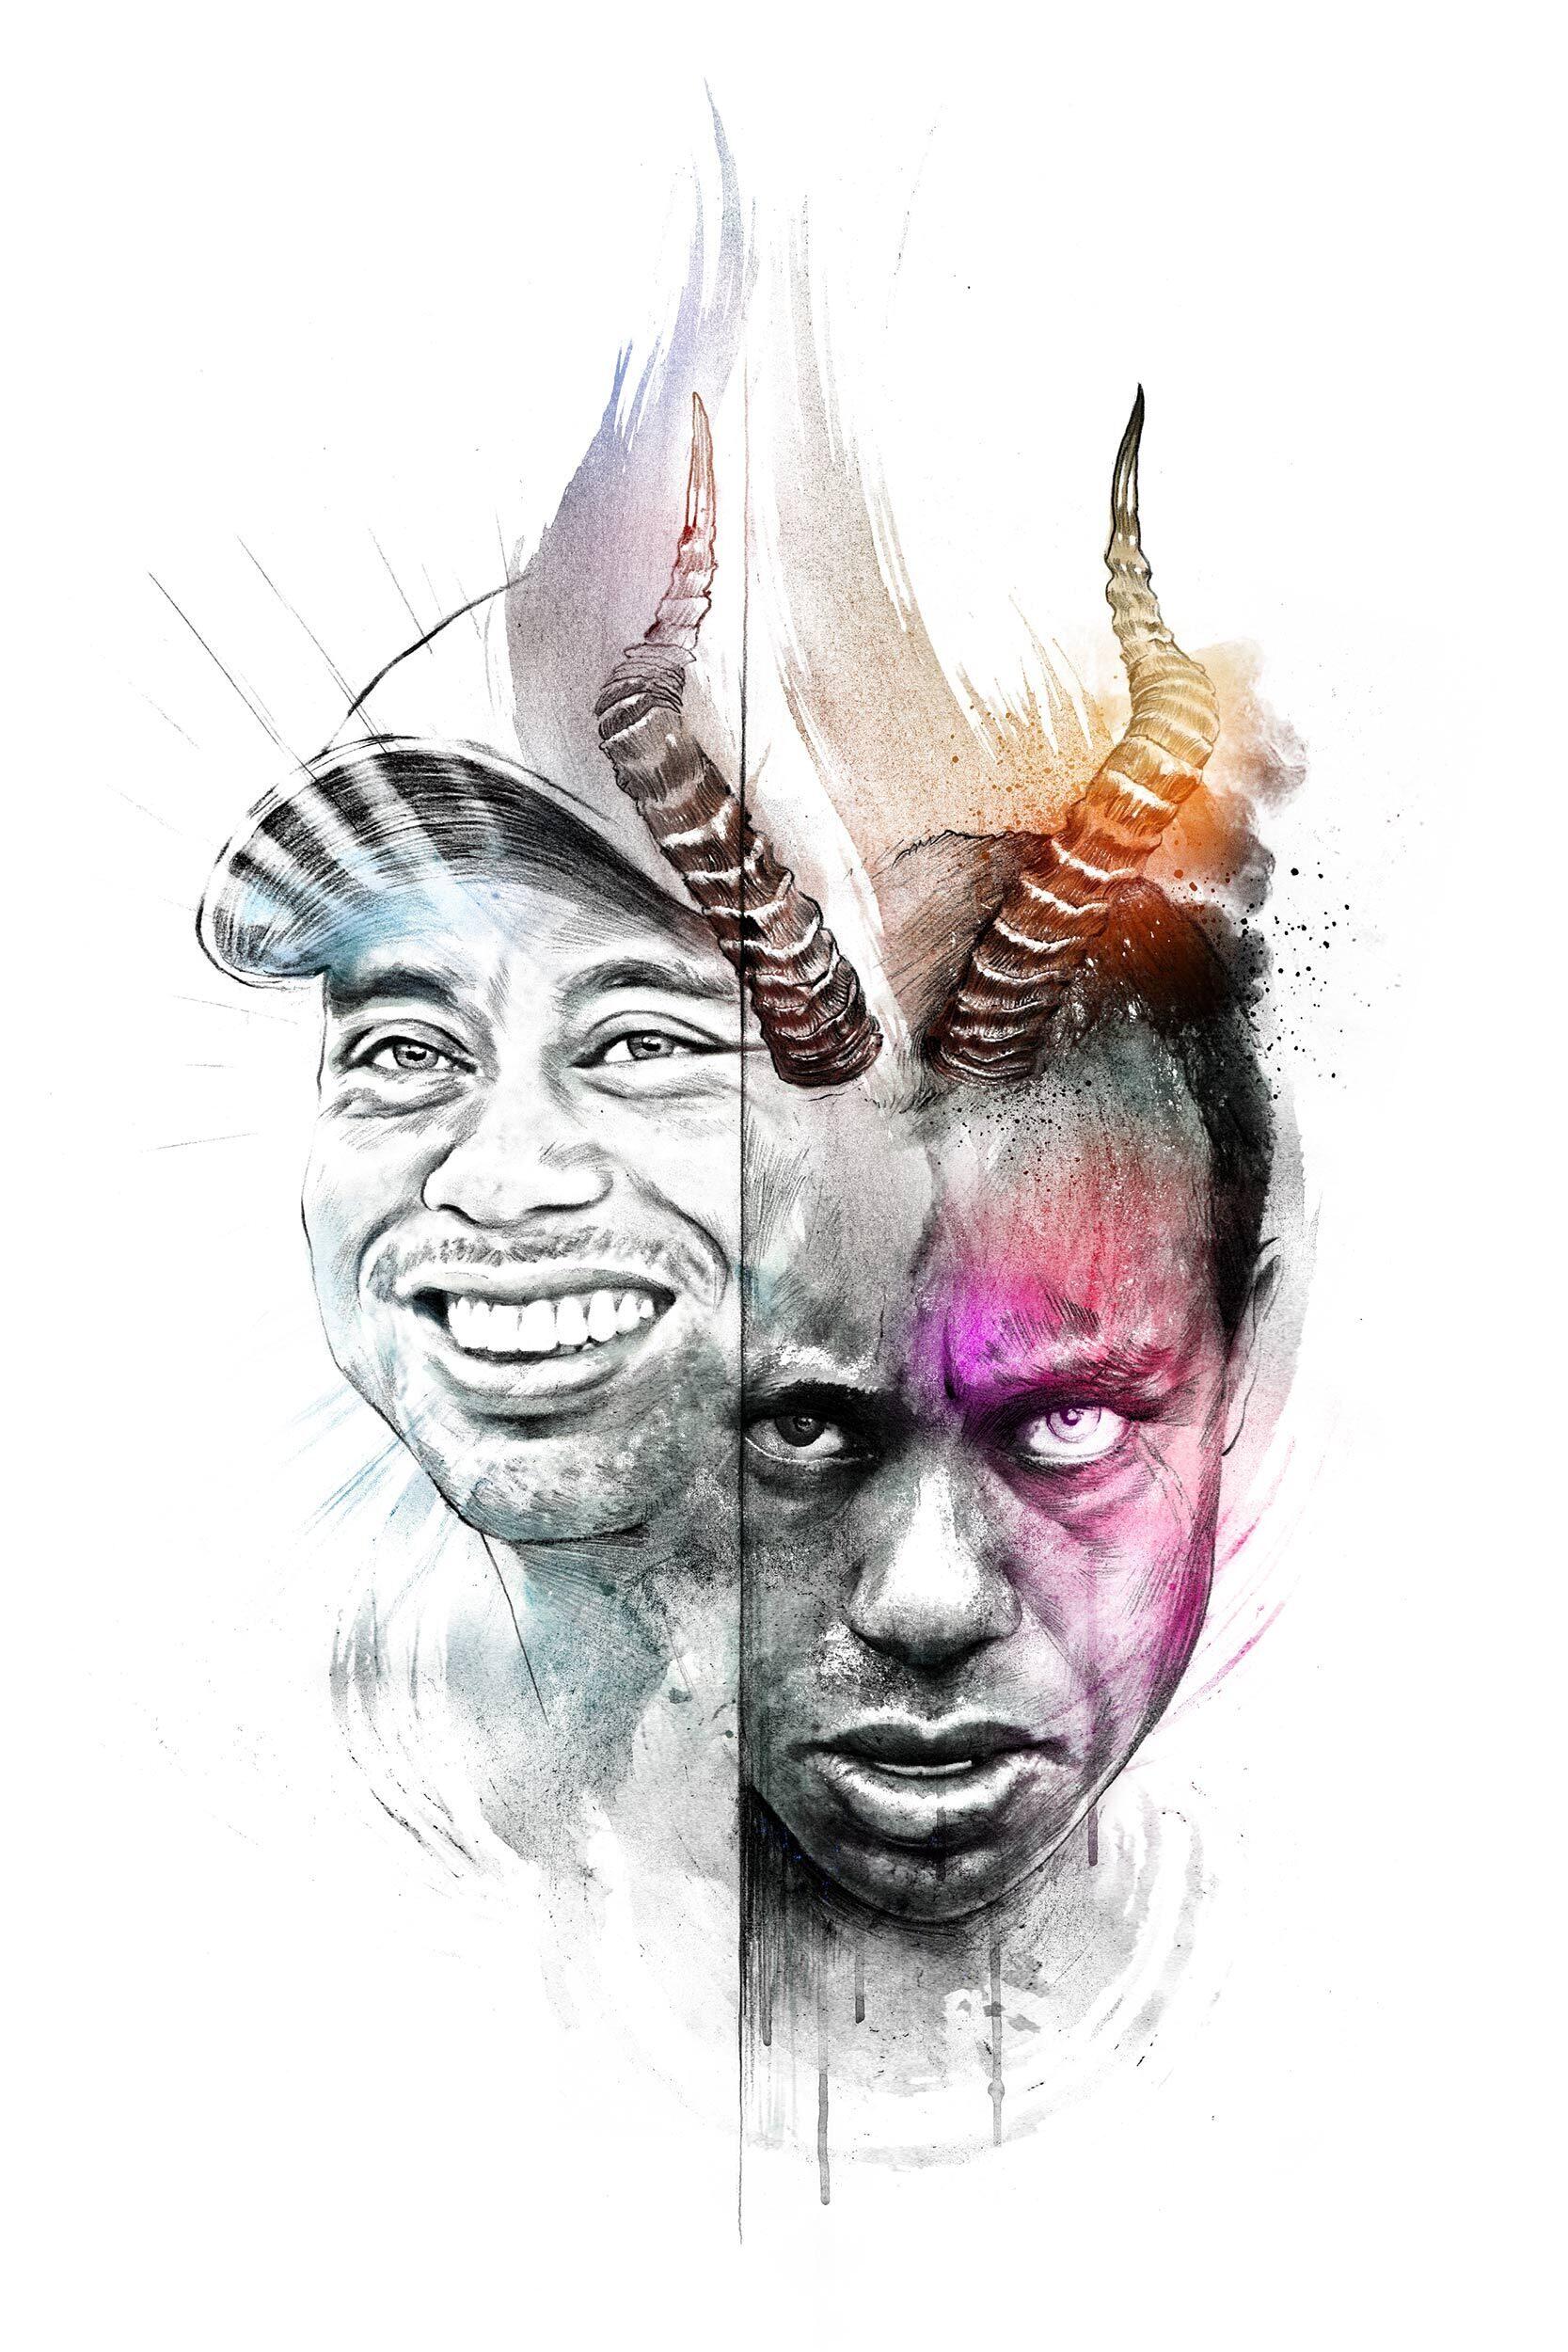 Tiger Woods two faces artwork illustration - Kornel Illustration   Kornel Stadler portfolio